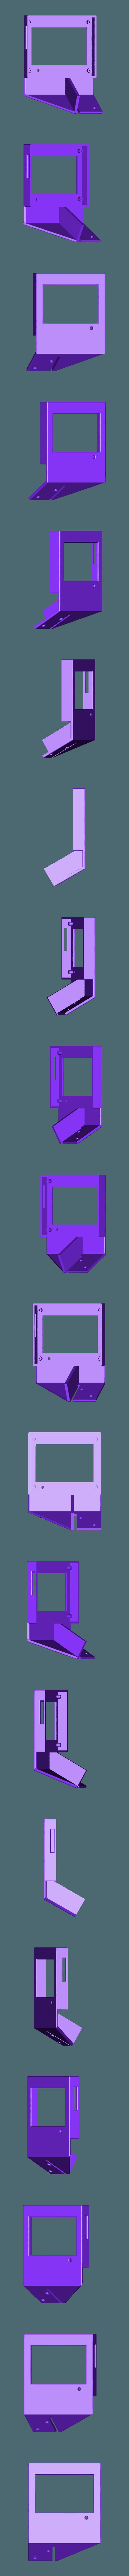 SKR_display_v1.stl Download free STL file Display cases for Ender 3 and BIGTREETECH TFT35 V1.2 control panel TFT 3.5 v2 • 3D print model, michal0082